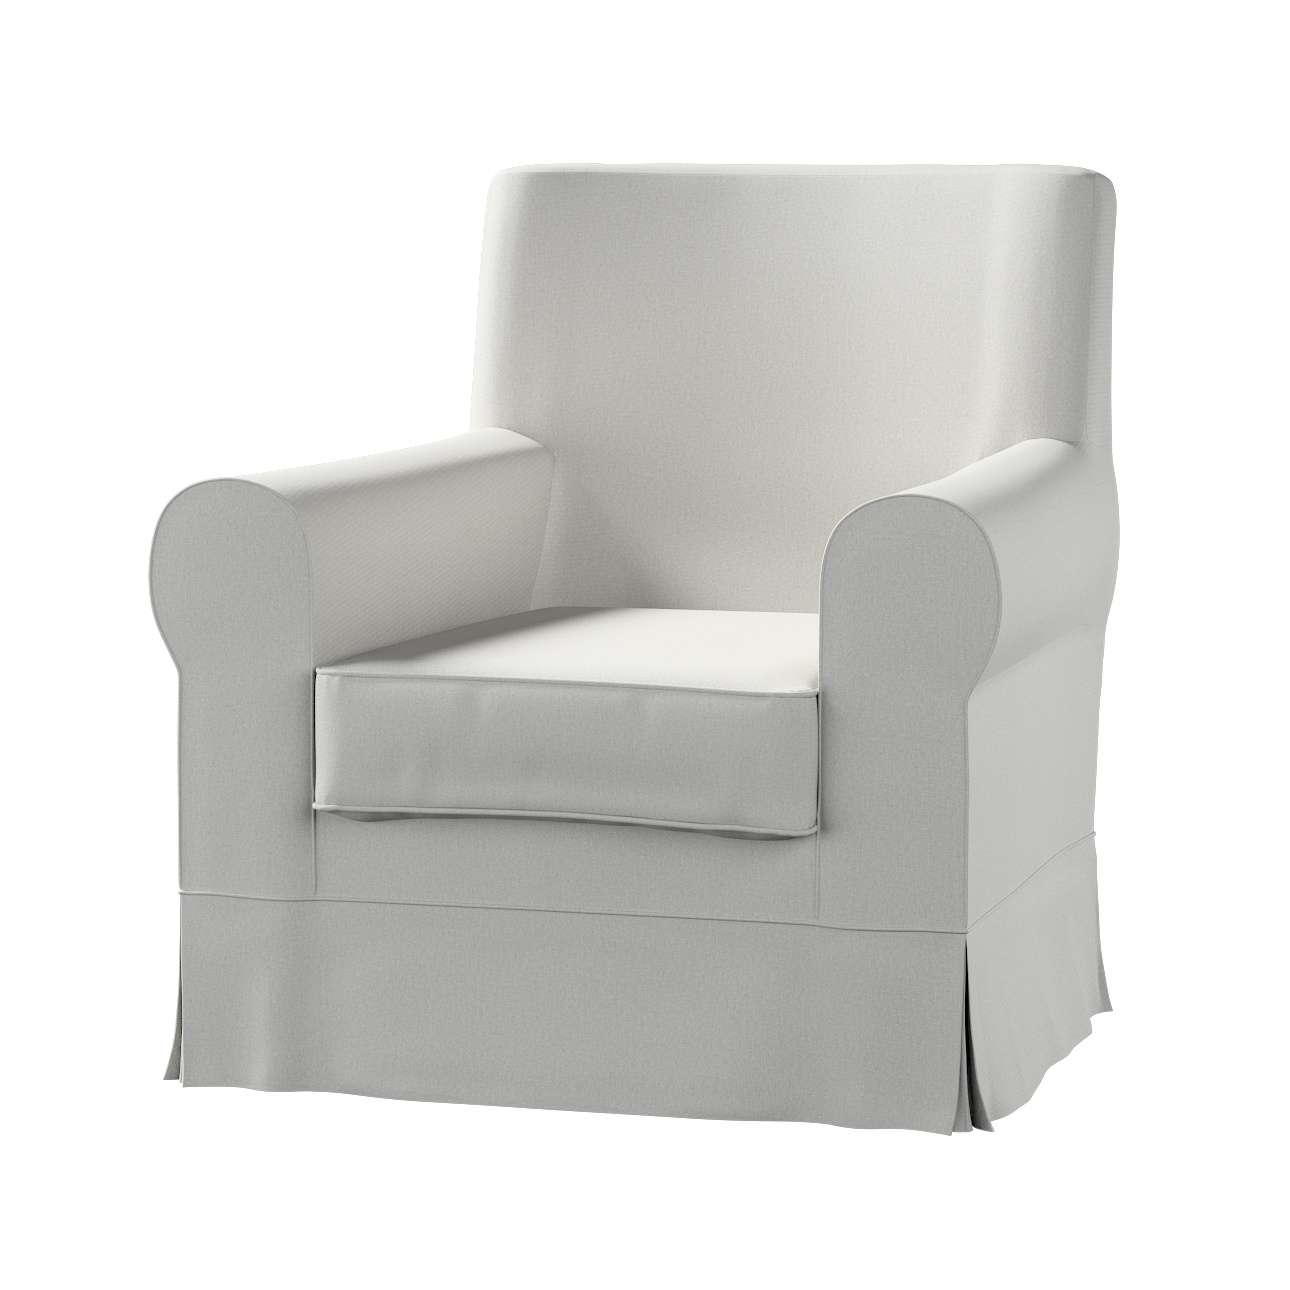 EKTORP JENNYLUND fotelio užvalkalas Ektorp Jennylund fotelio užvalkalas kolekcijoje Etna , audinys: 705-90